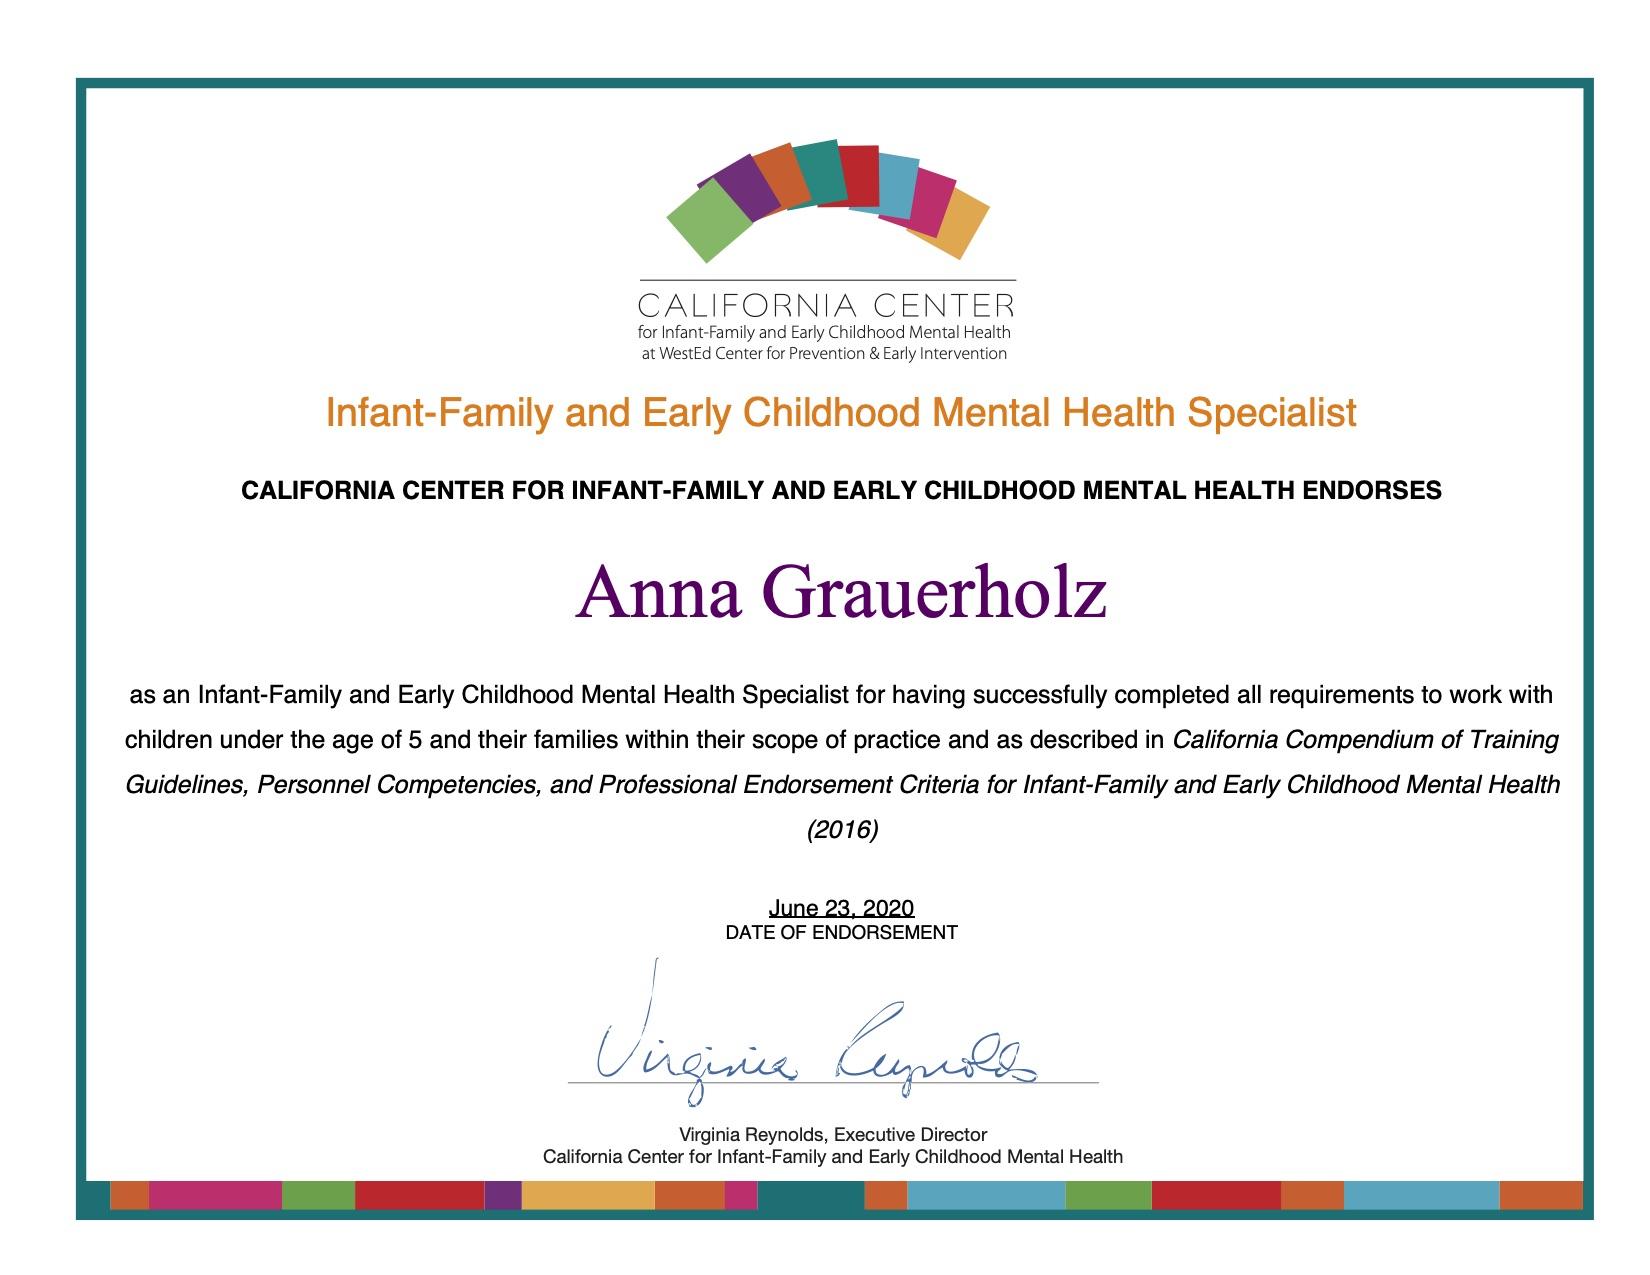 Anna Grauerholz Endorsement Certificate